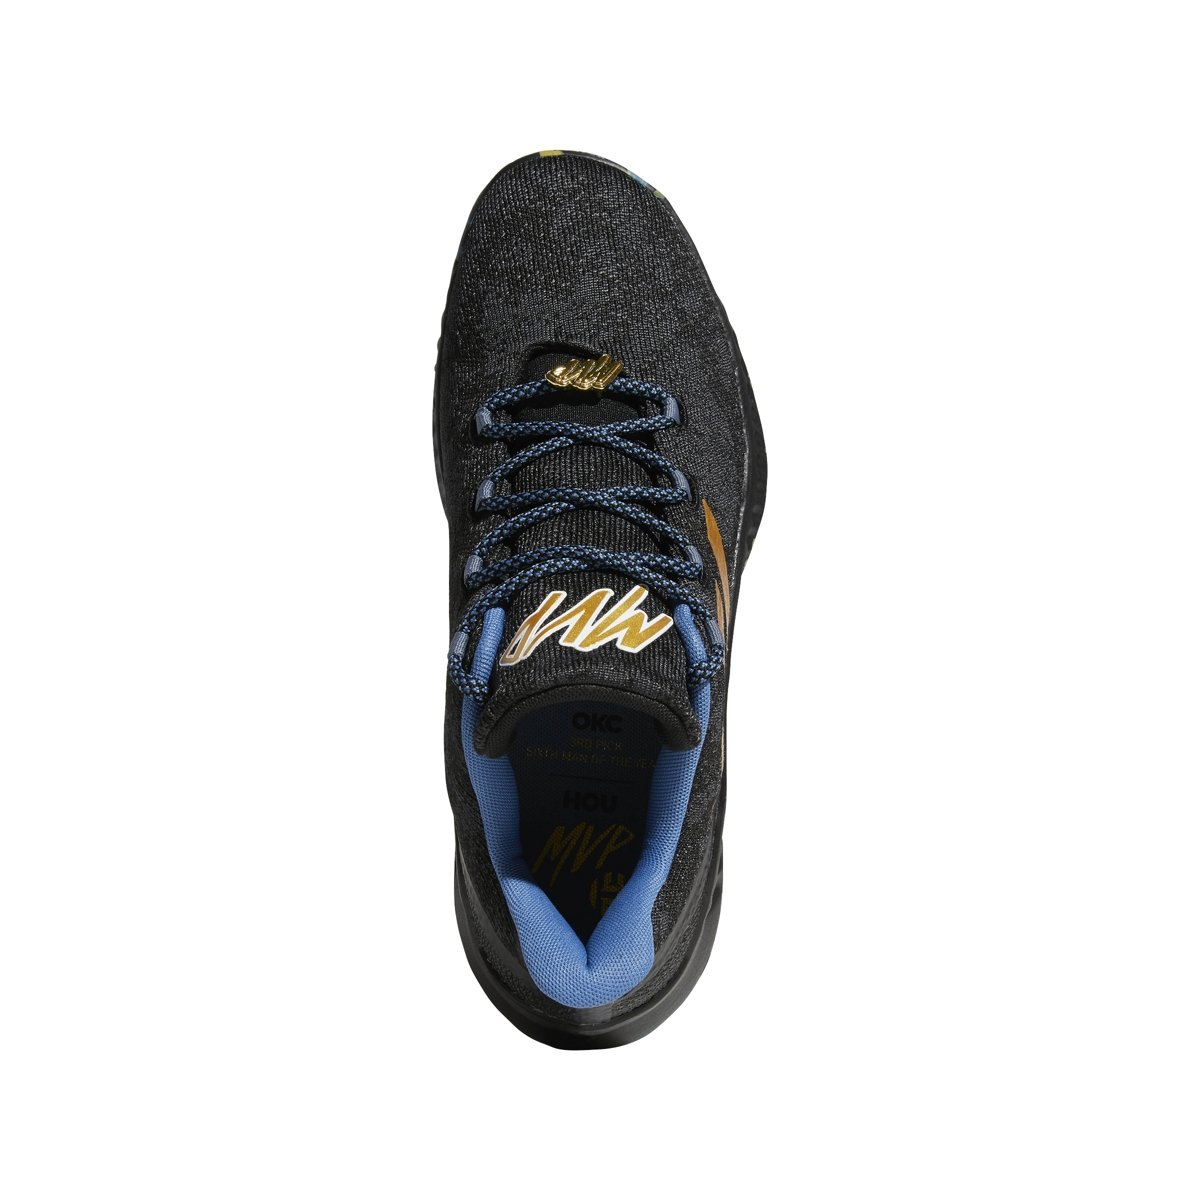 hommes / femmes adidas harden b chaussure / e x mvp chaussure b de basket - ball masculin de conception nouvelle conception innovatrice à l'aise contact diversifiée hn15320 c6f0e2